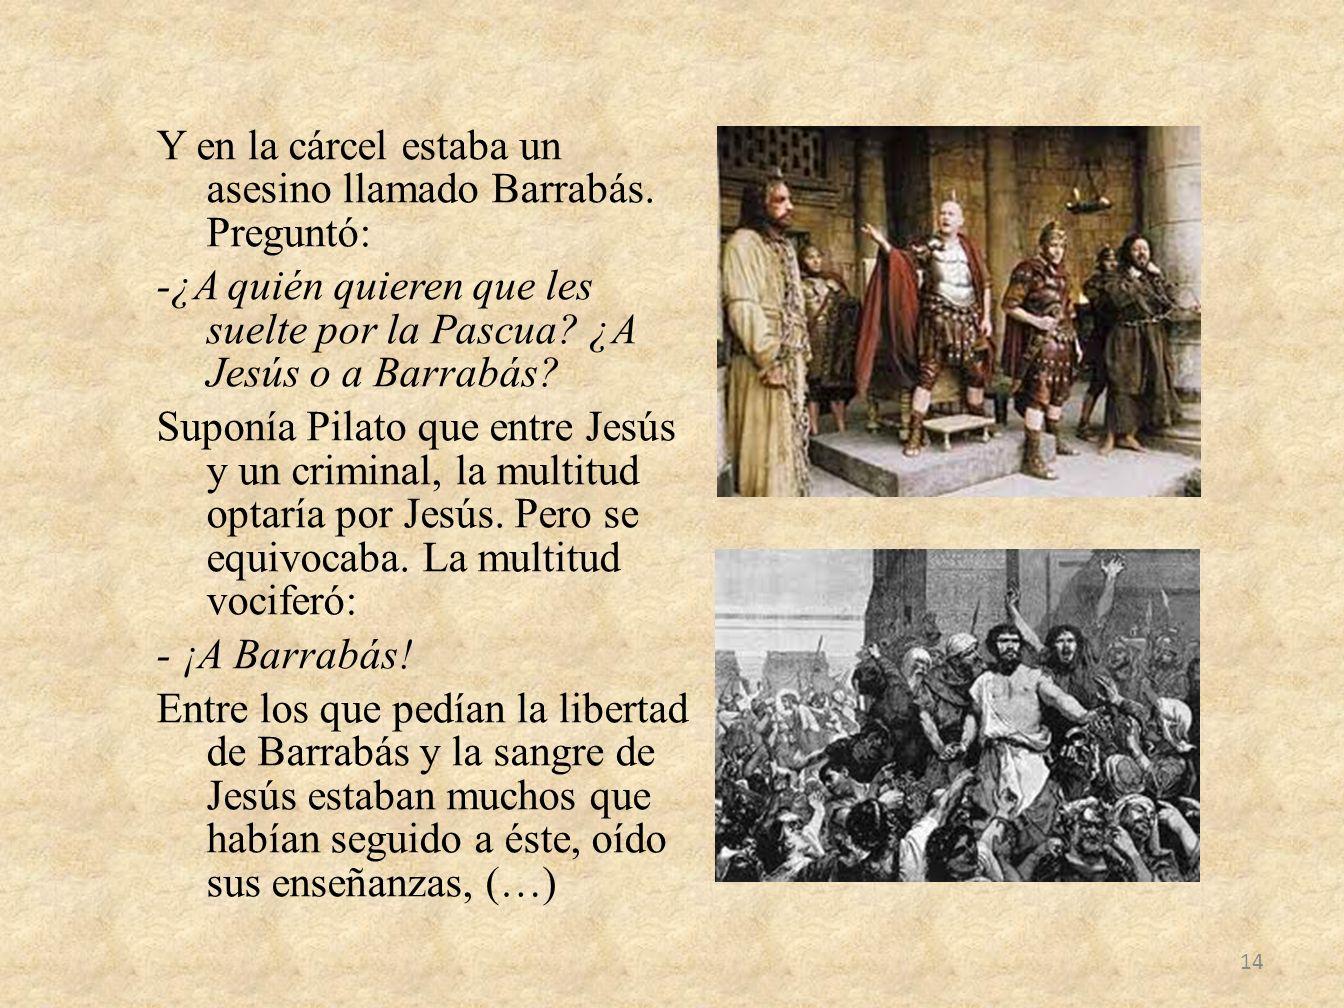 Y en la cárcel estaba un asesino llamado Barrabás